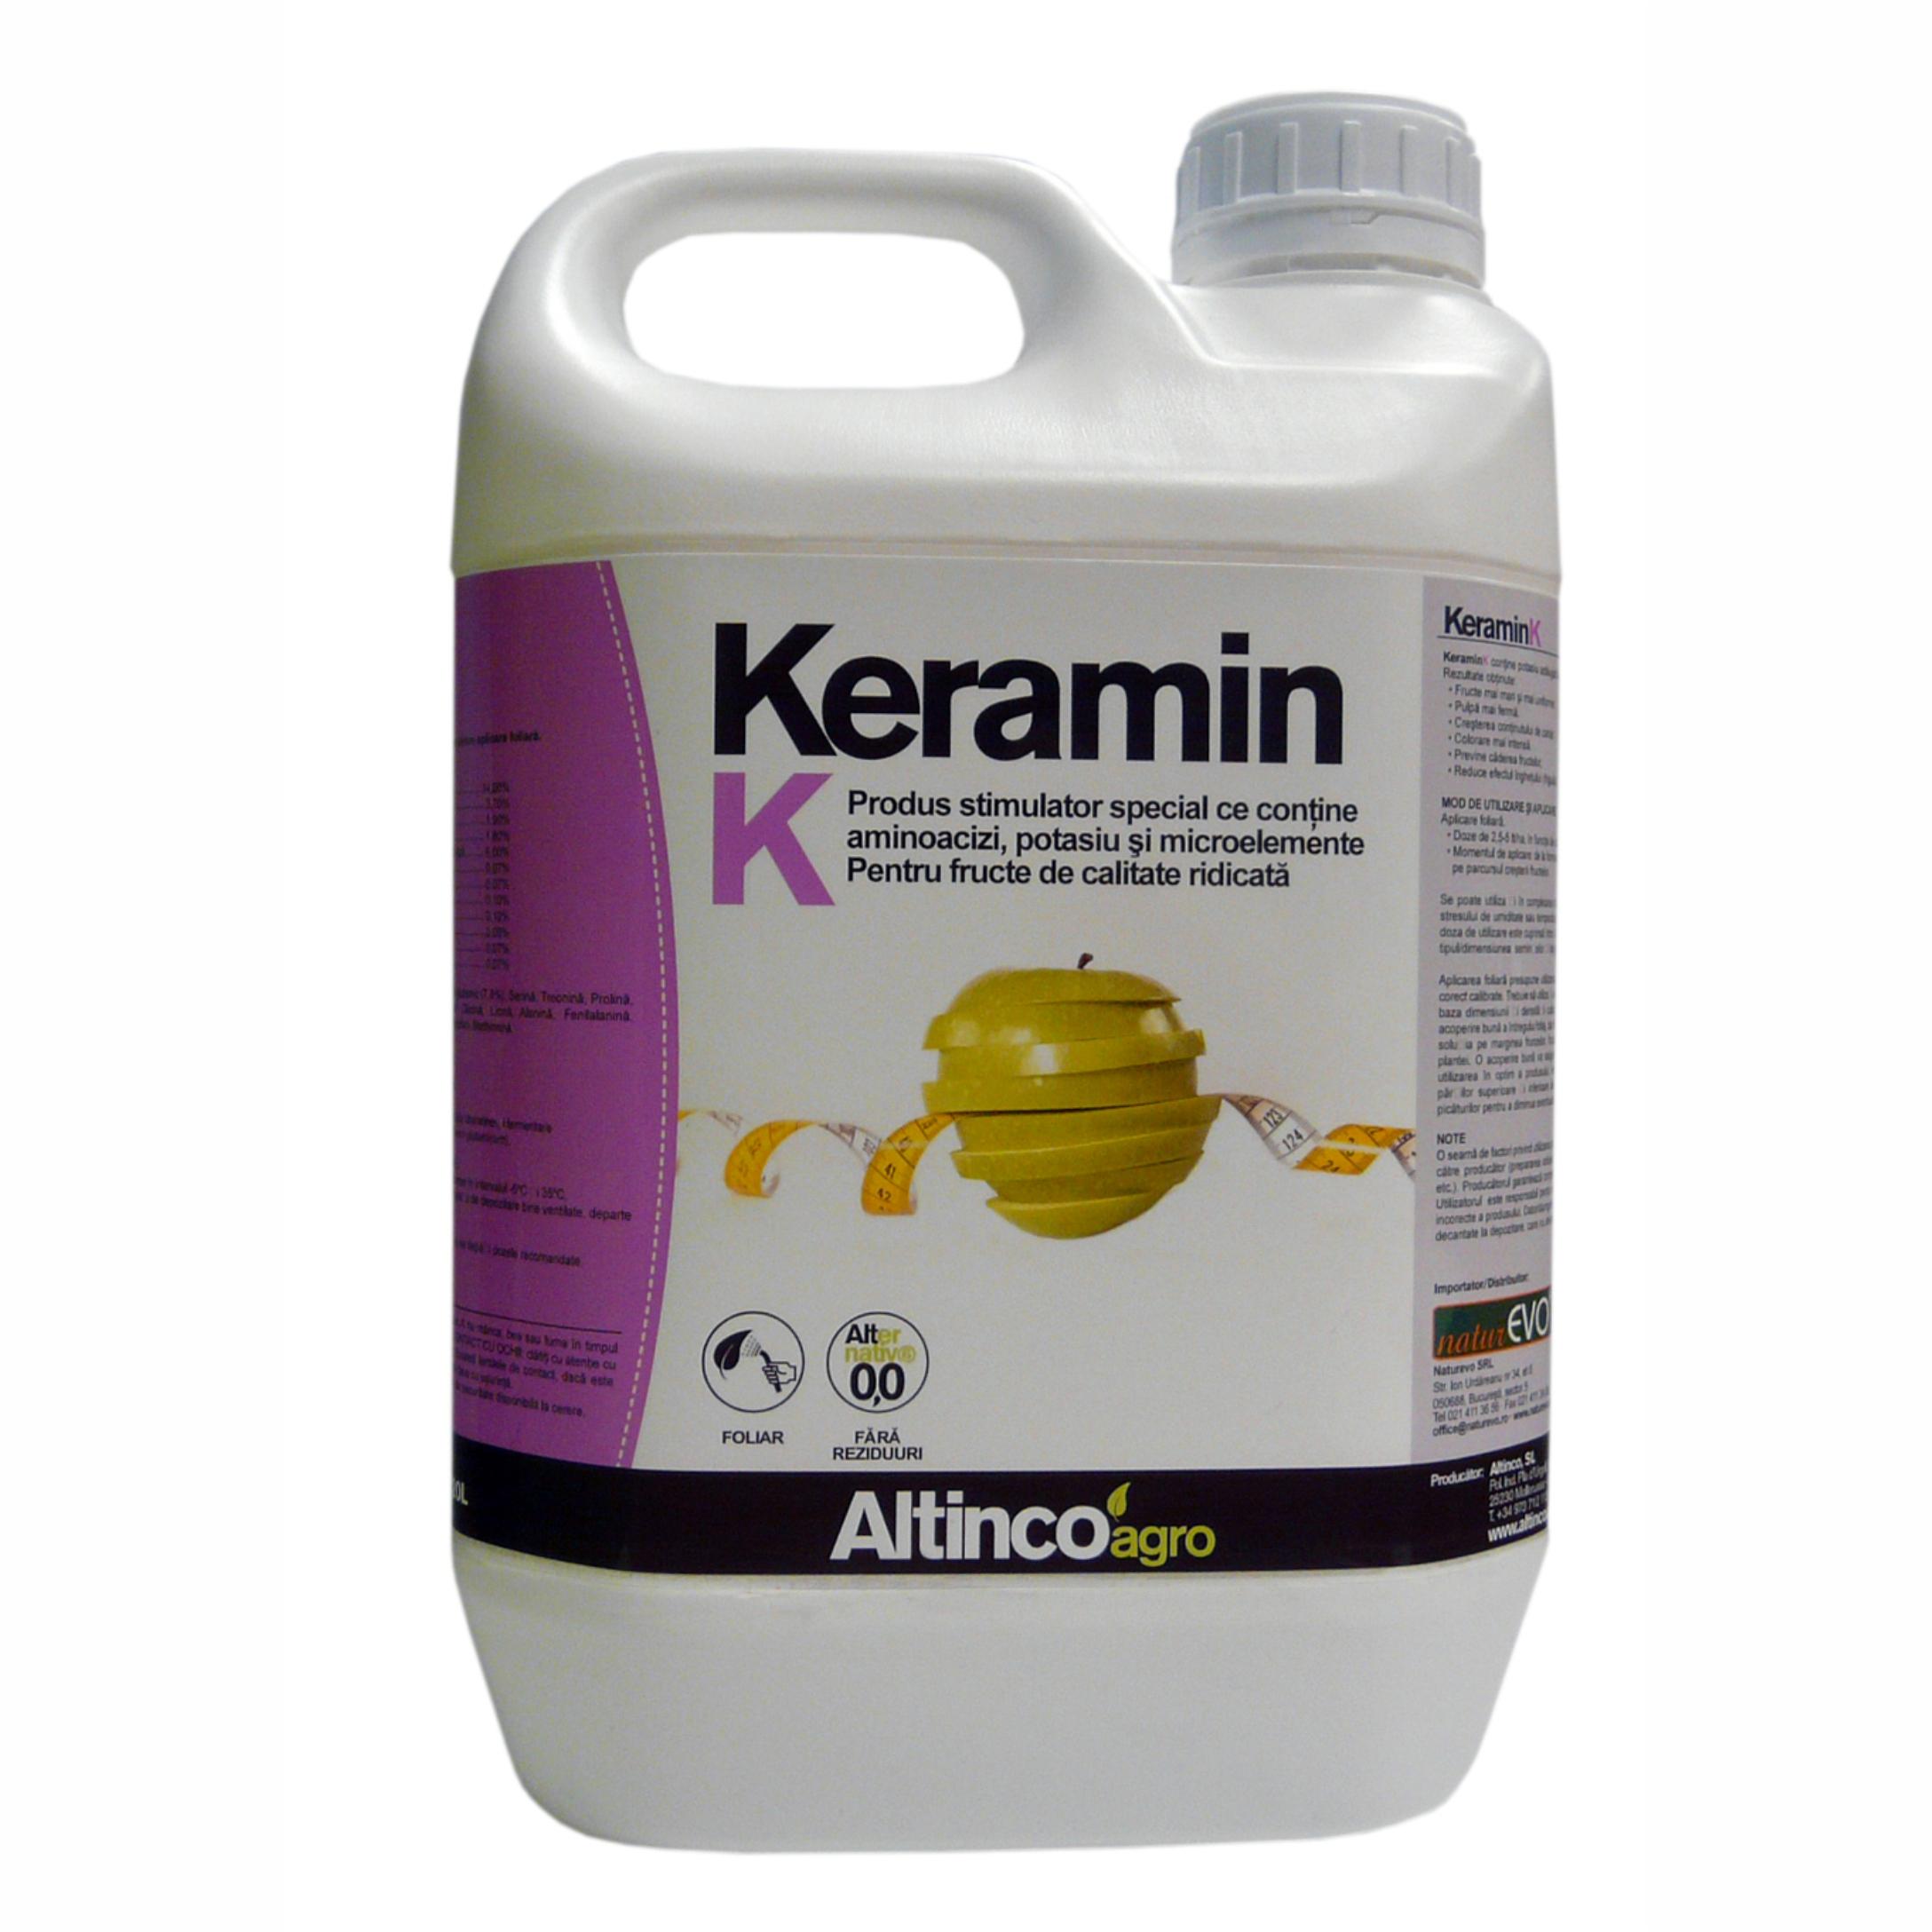 Keramin K stimulator de germinare și creștere